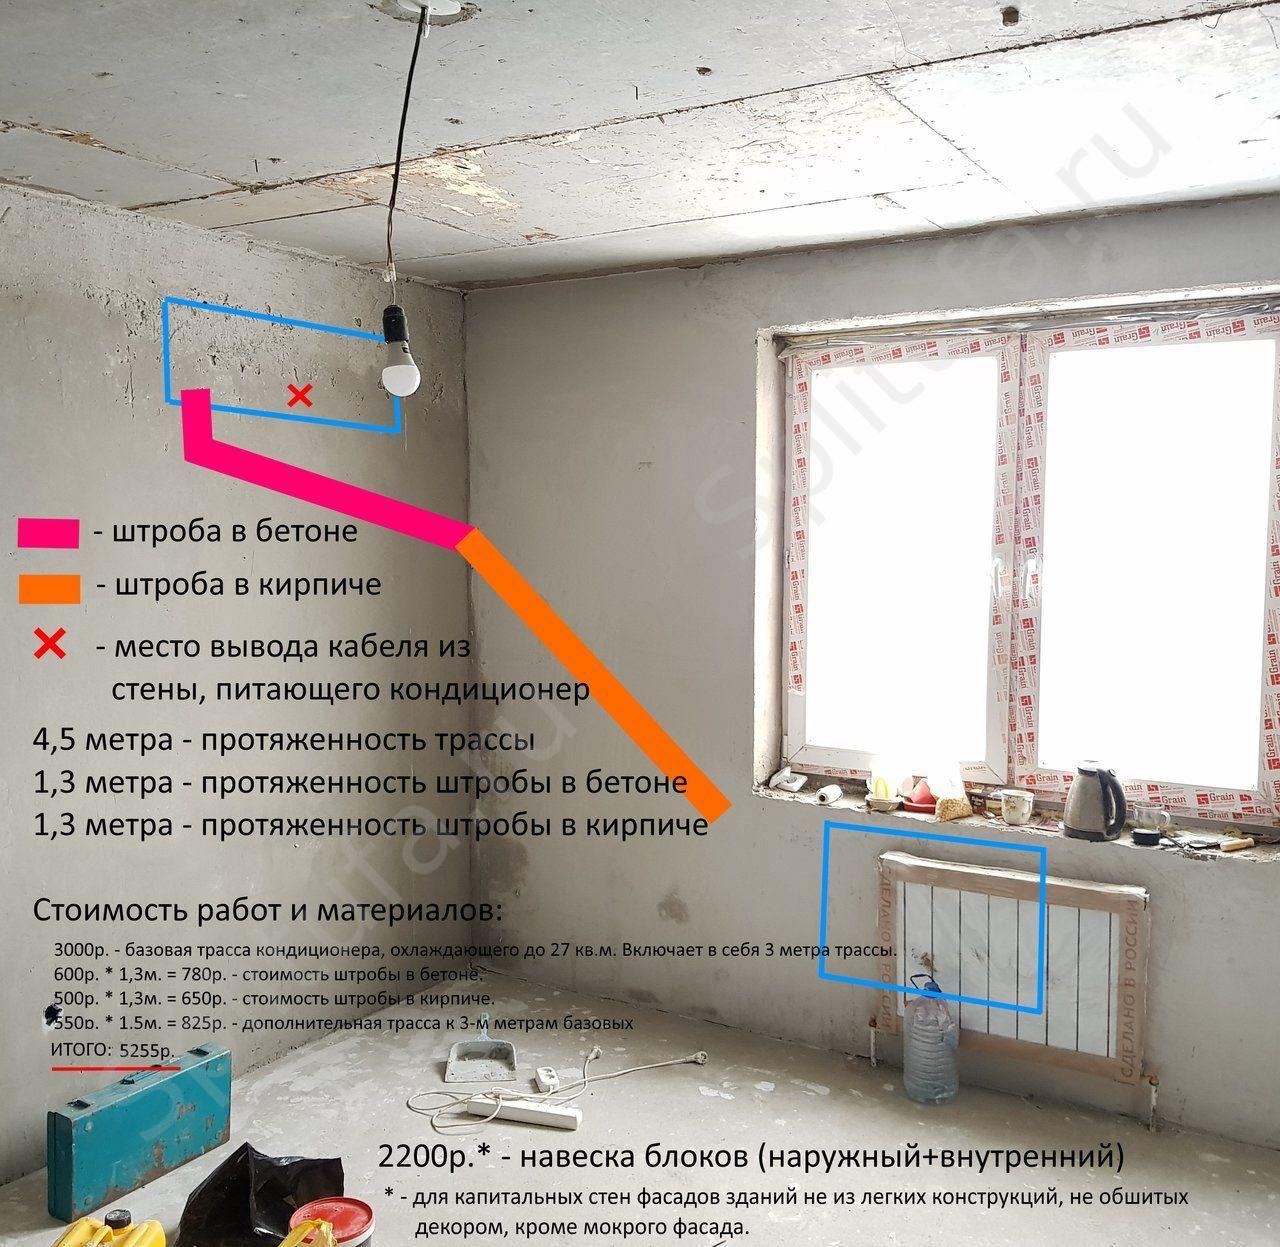 Установка сплит-системы (53 фото): инструкция по монтажу своими руками. как самостоятельно установить внутренний блок кондиционера?